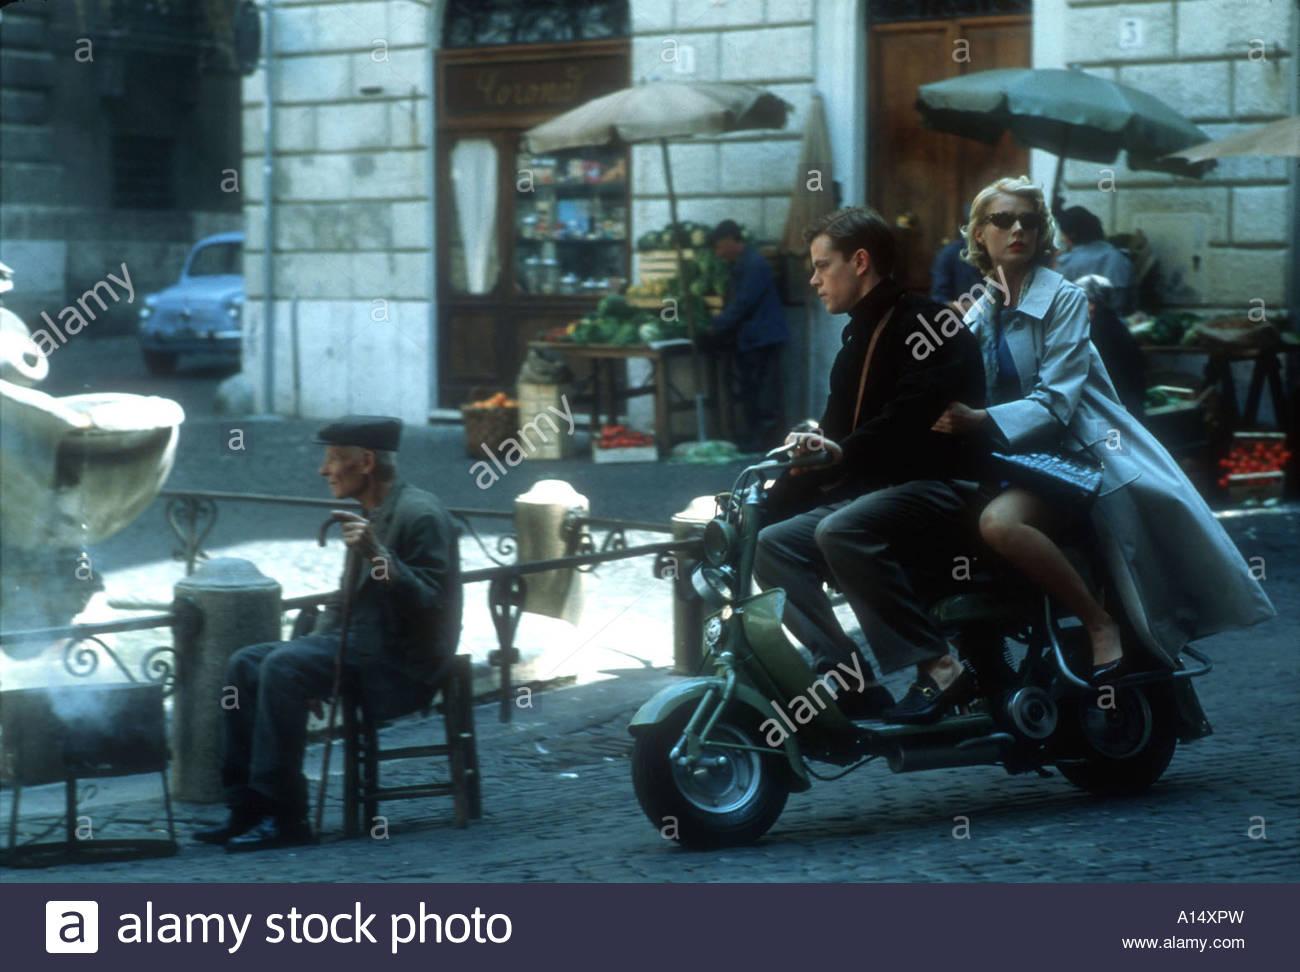 Le talentueux Mr Ripley 2000 réalisateur Anthony Minghella Matt Damon Gwyneth Paltrow basé sur le livre Photo Stock